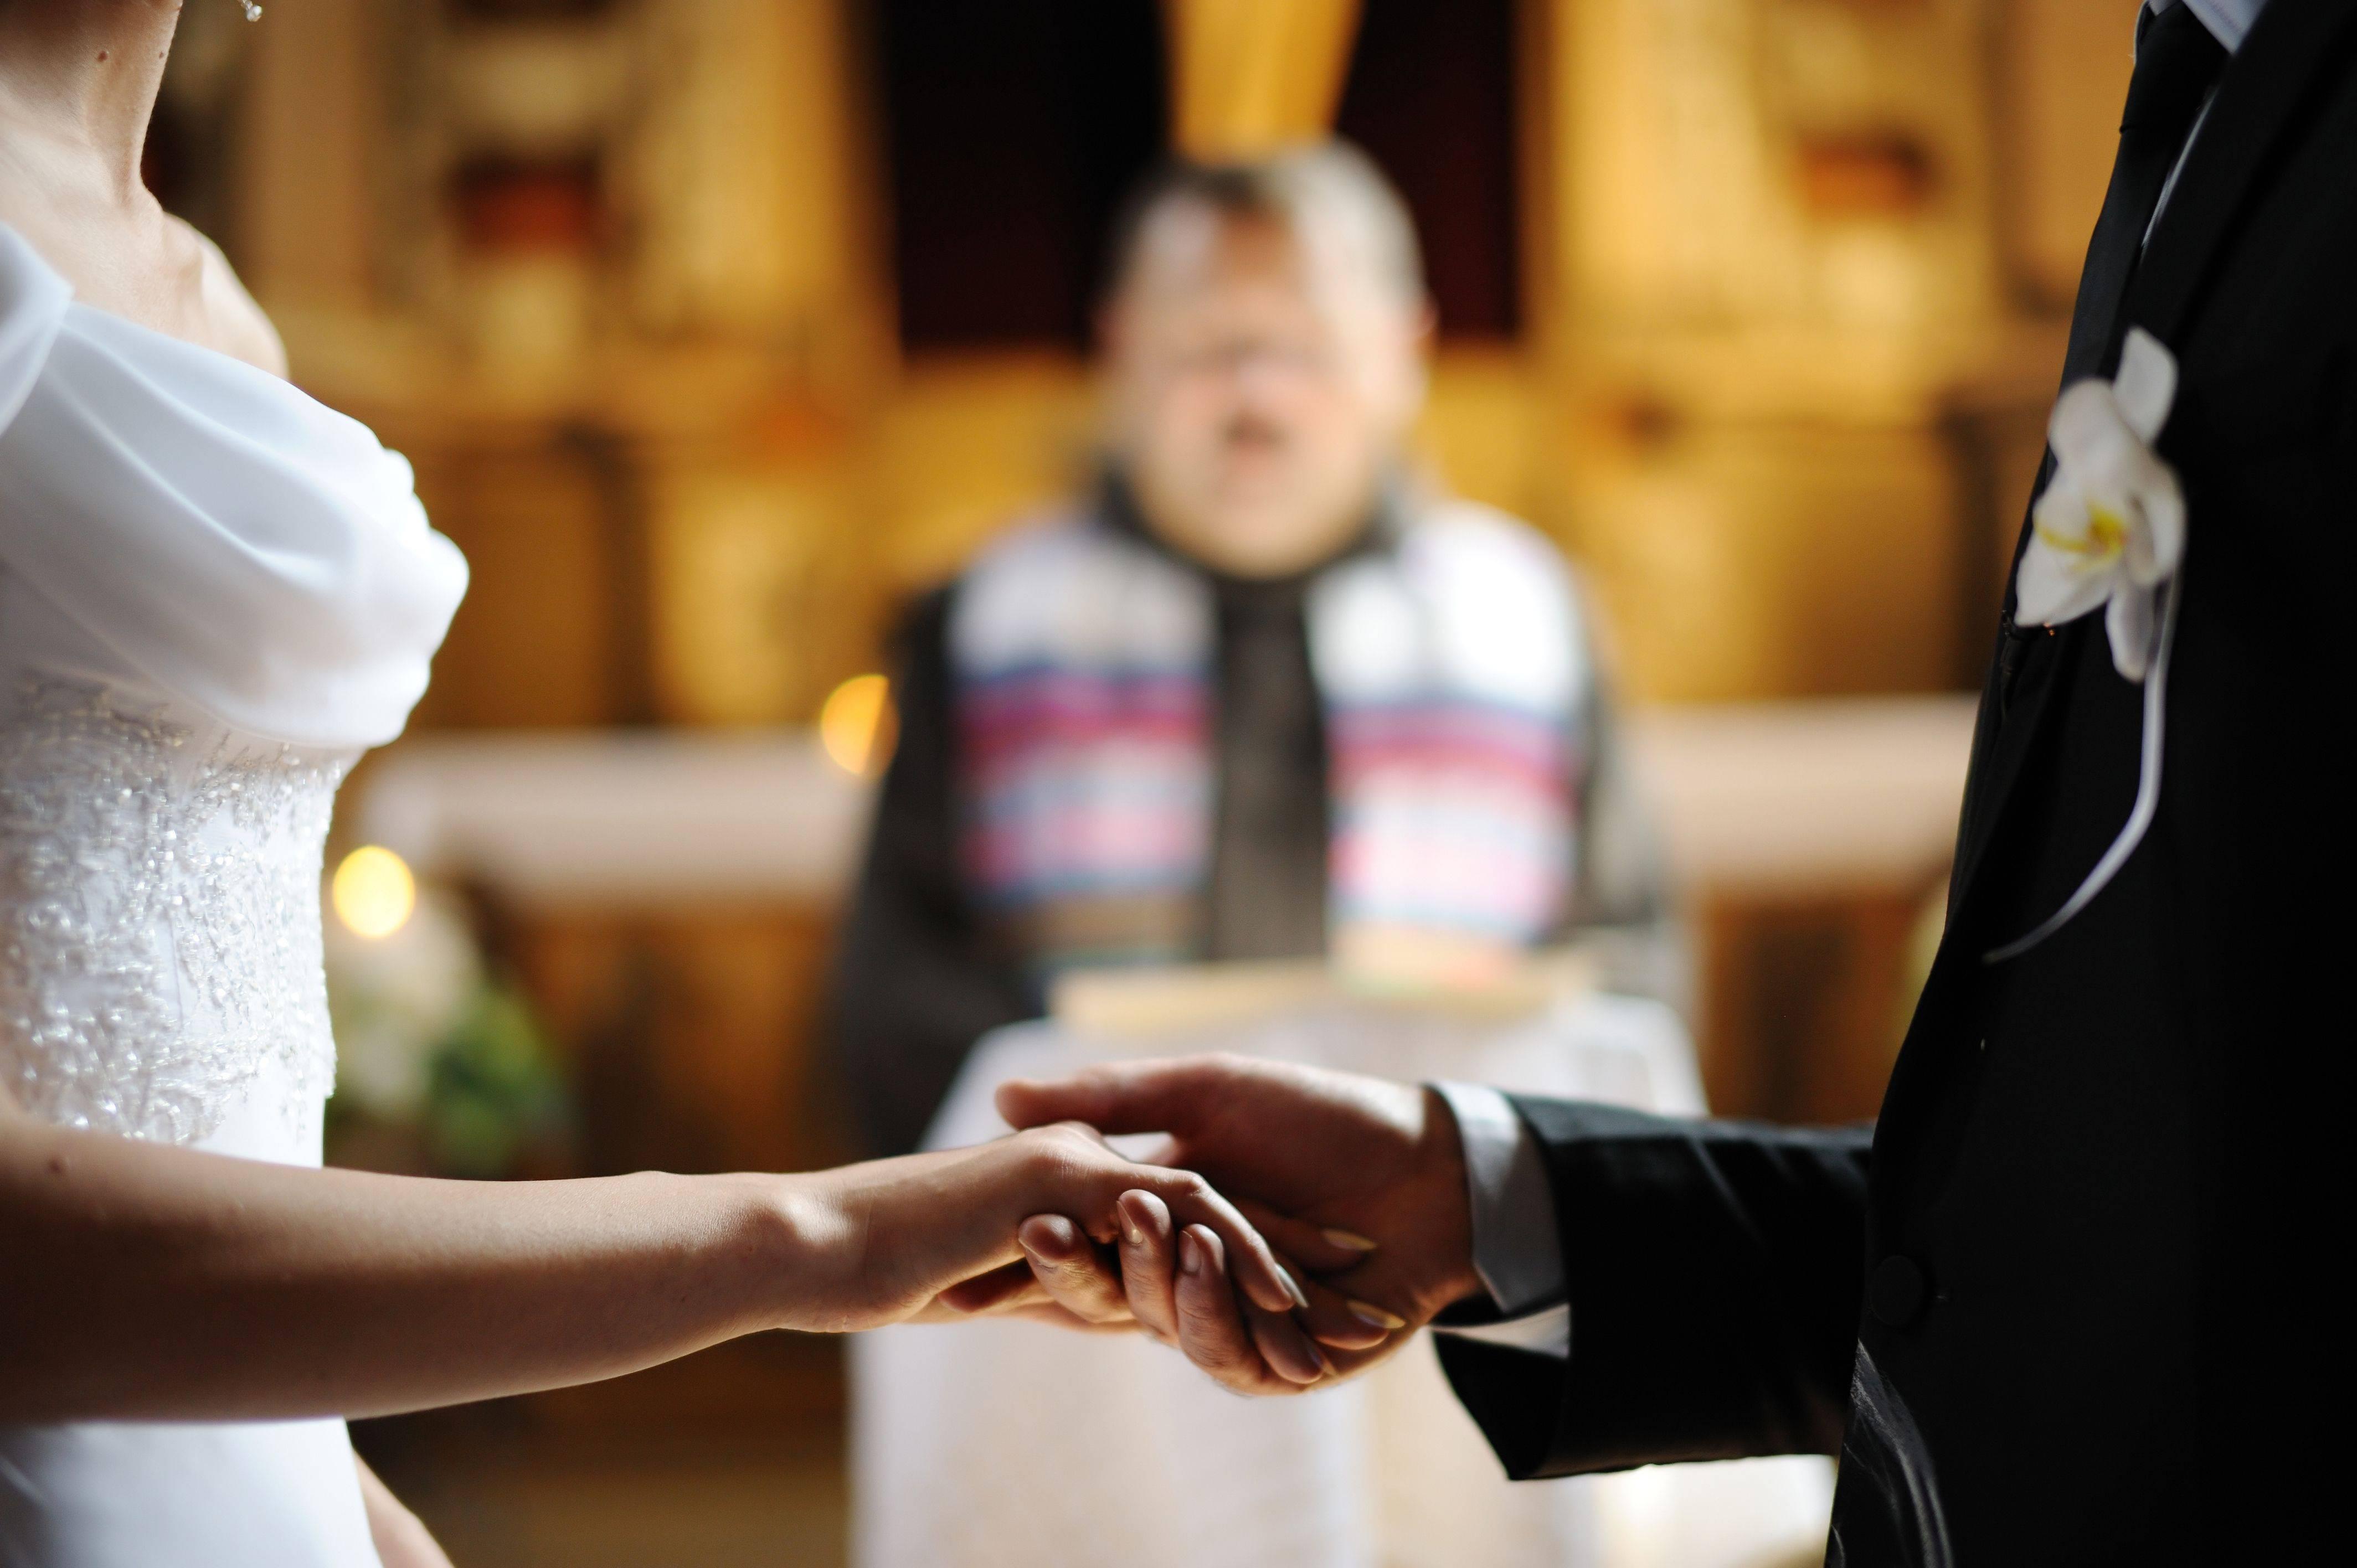 Matrimonio In Chiesa : Musica matrimonio chiesa le canzoni più belle per le firme